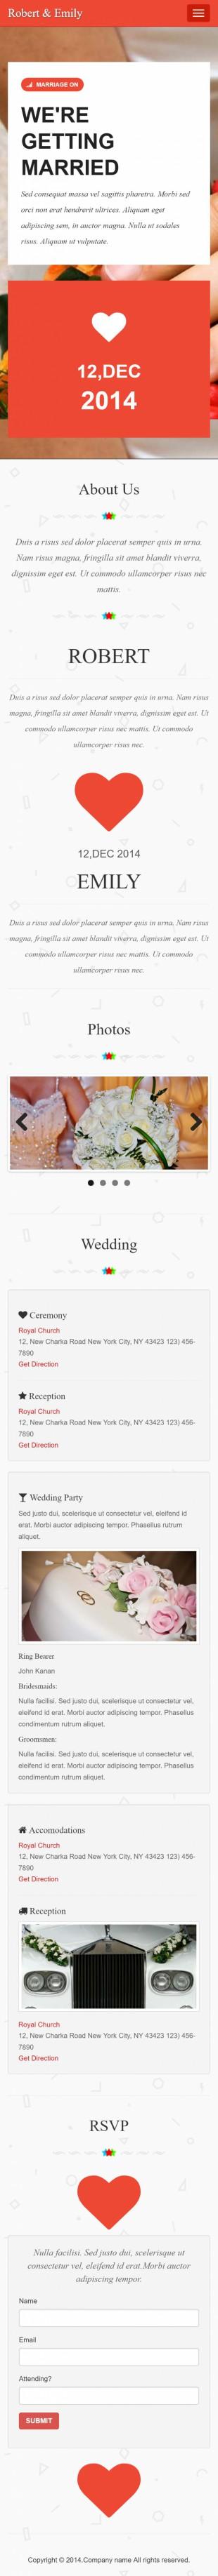 婚礼定制中心类网站建设模板手机图片